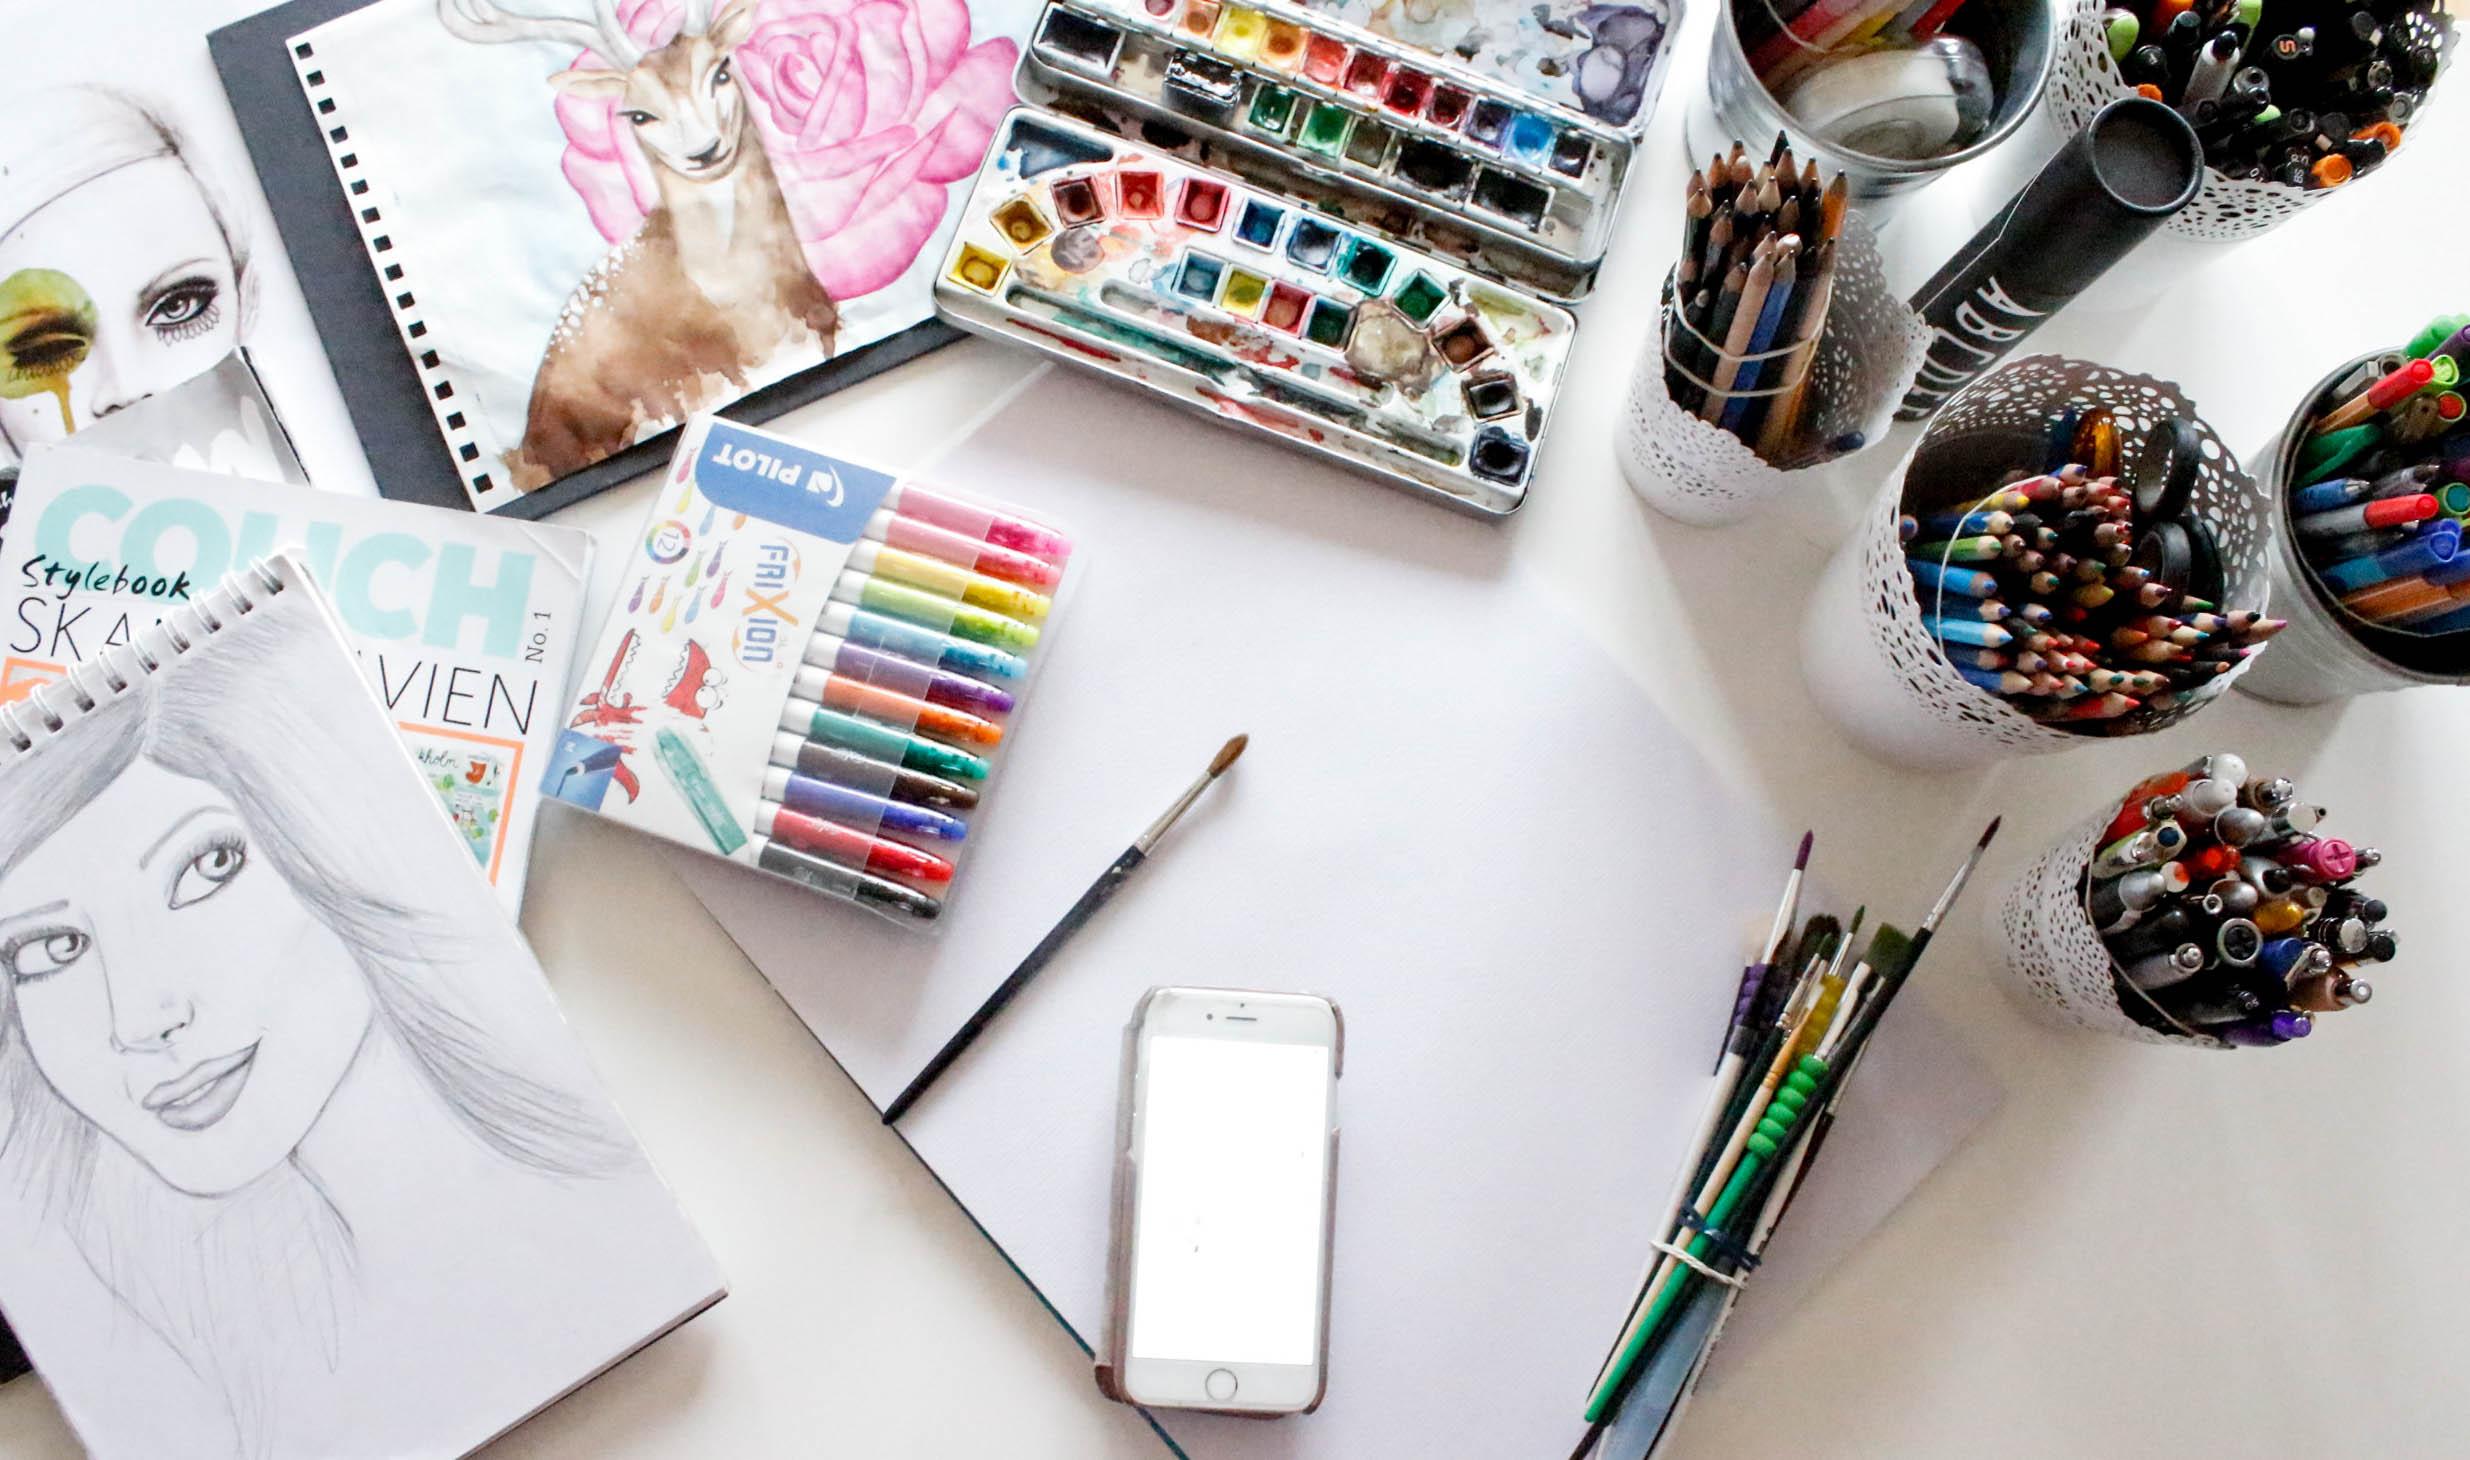 Schreibtisch mit FriXion Stiften und Aquarell